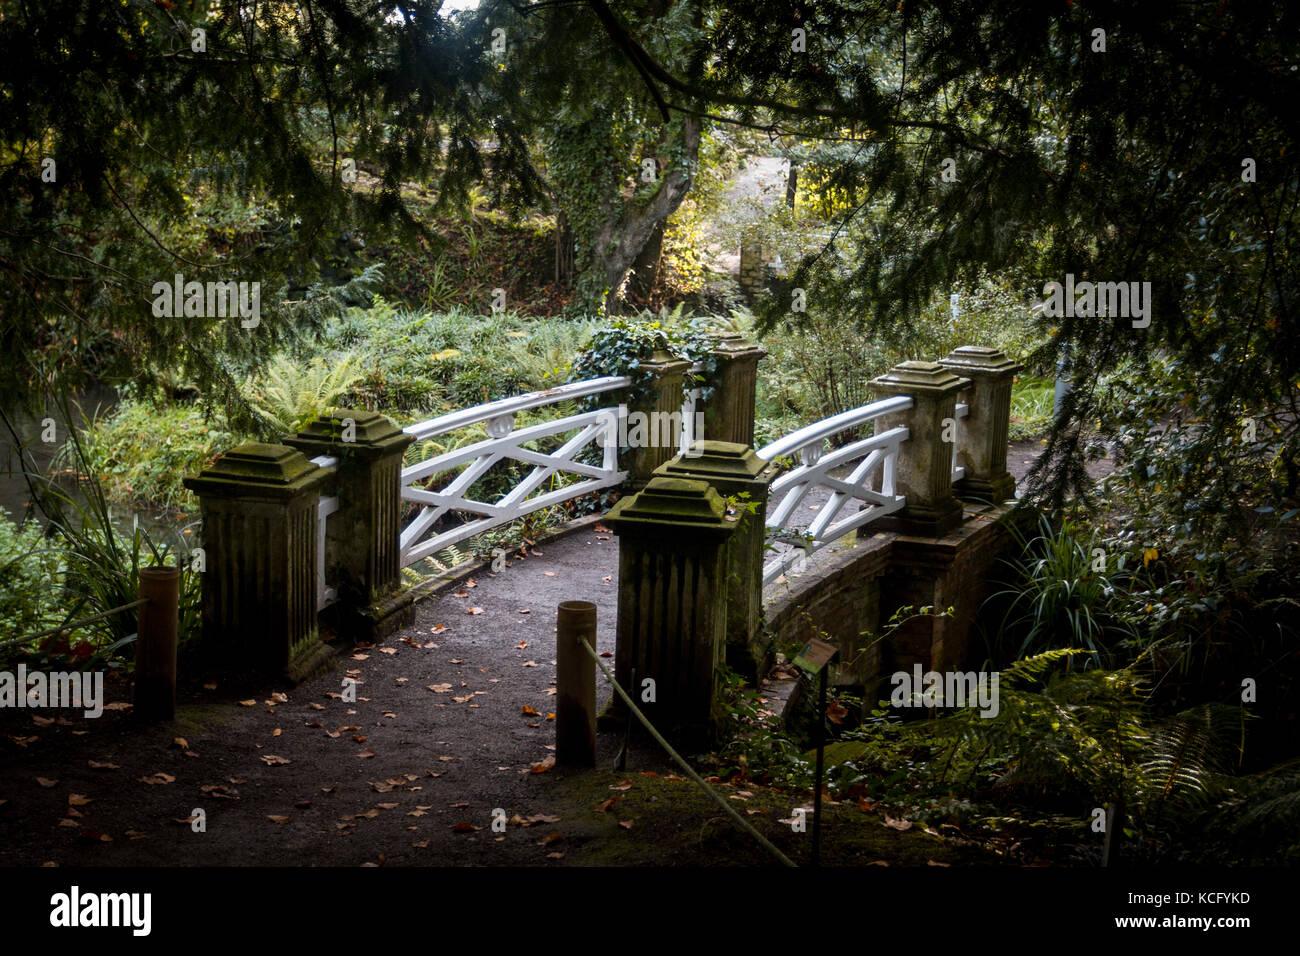 Jardin Botanico Gijon Asturias Espana Foto Imagen De Stock